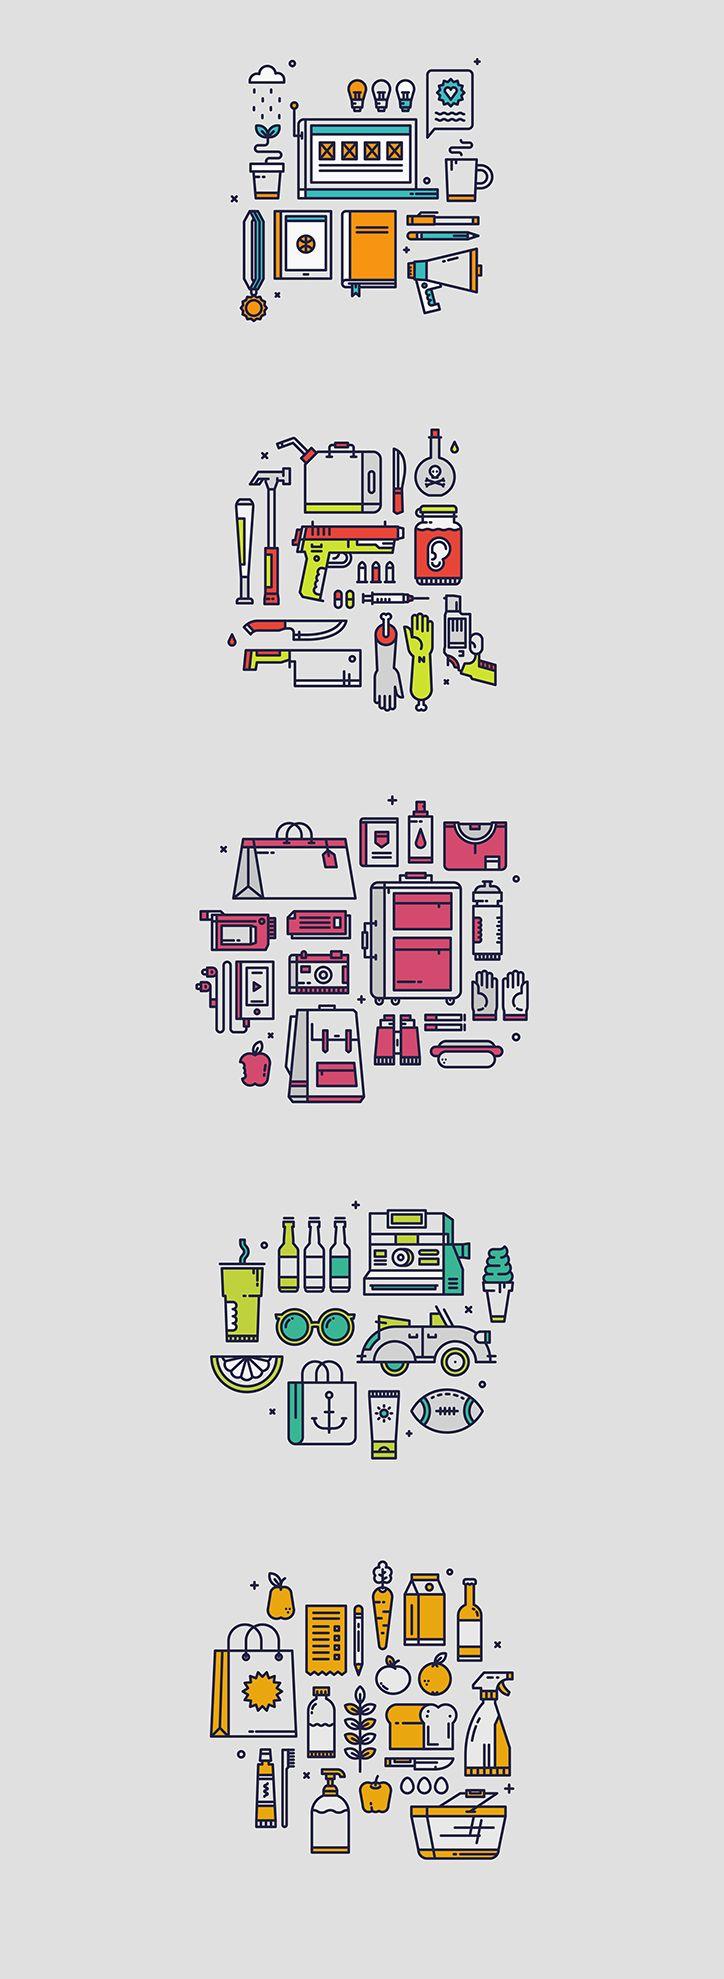 simboli flat di strumenti di varia origne  mi piace la semplicità del disegno e la sintesi che va sia dalla linea fino ai colori (che sono molto pochi e ordinati cromaticamente per ogni gruppo di disegno) perché è uno stile pulito e ordinato che mi colpisce molto